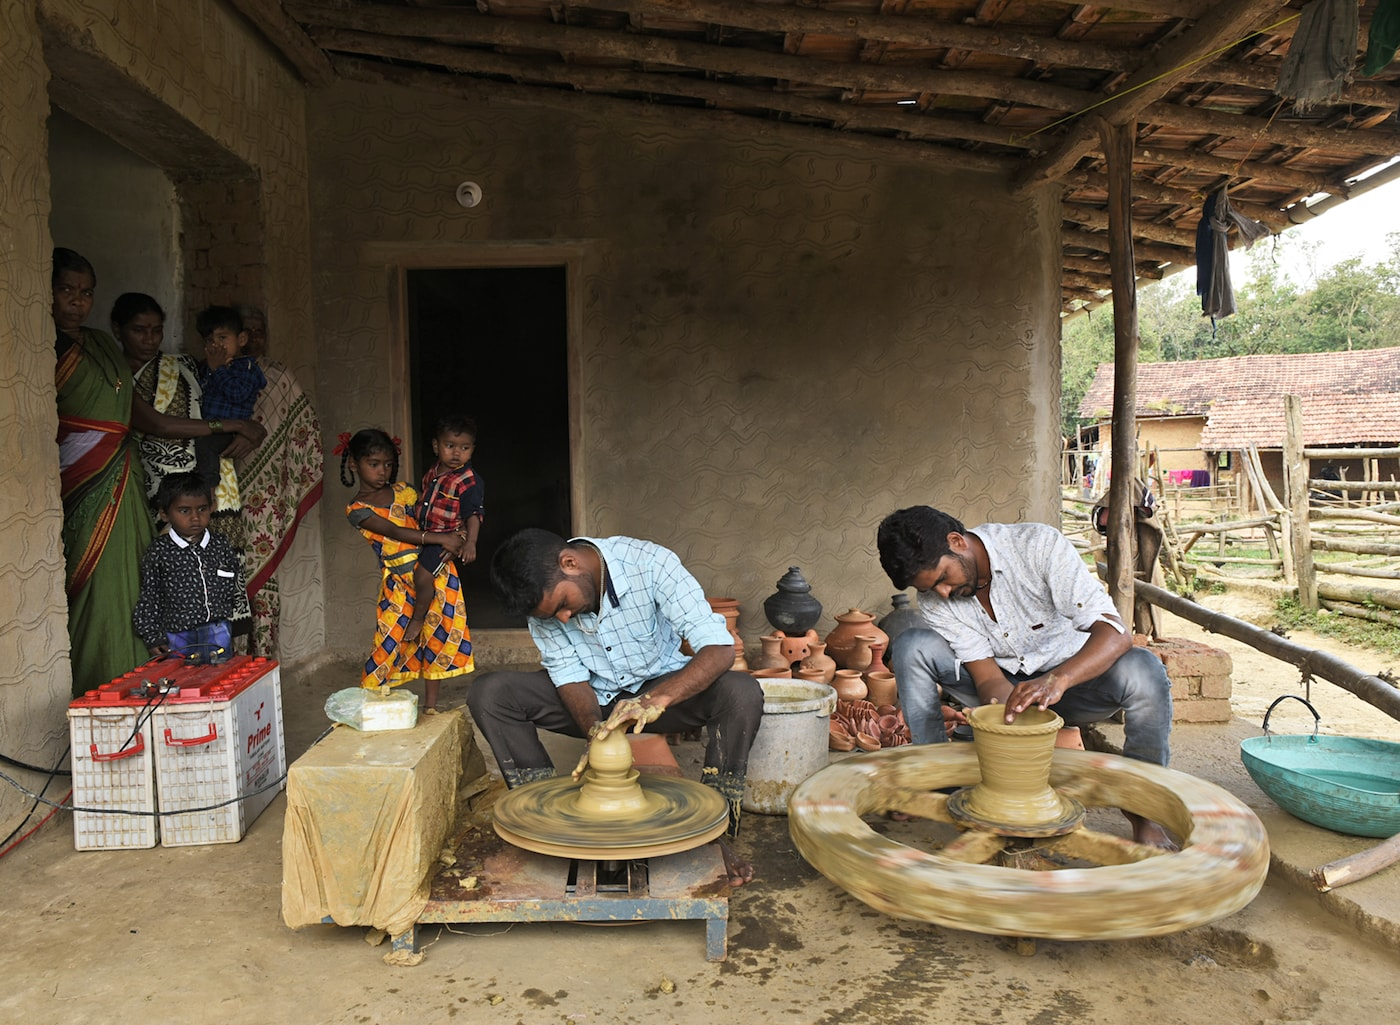 Zwei indische Töpfer arbeiten an ihren Drehscheiben. Um sie herum stehen Dorfbewohner, die sie beobachten.